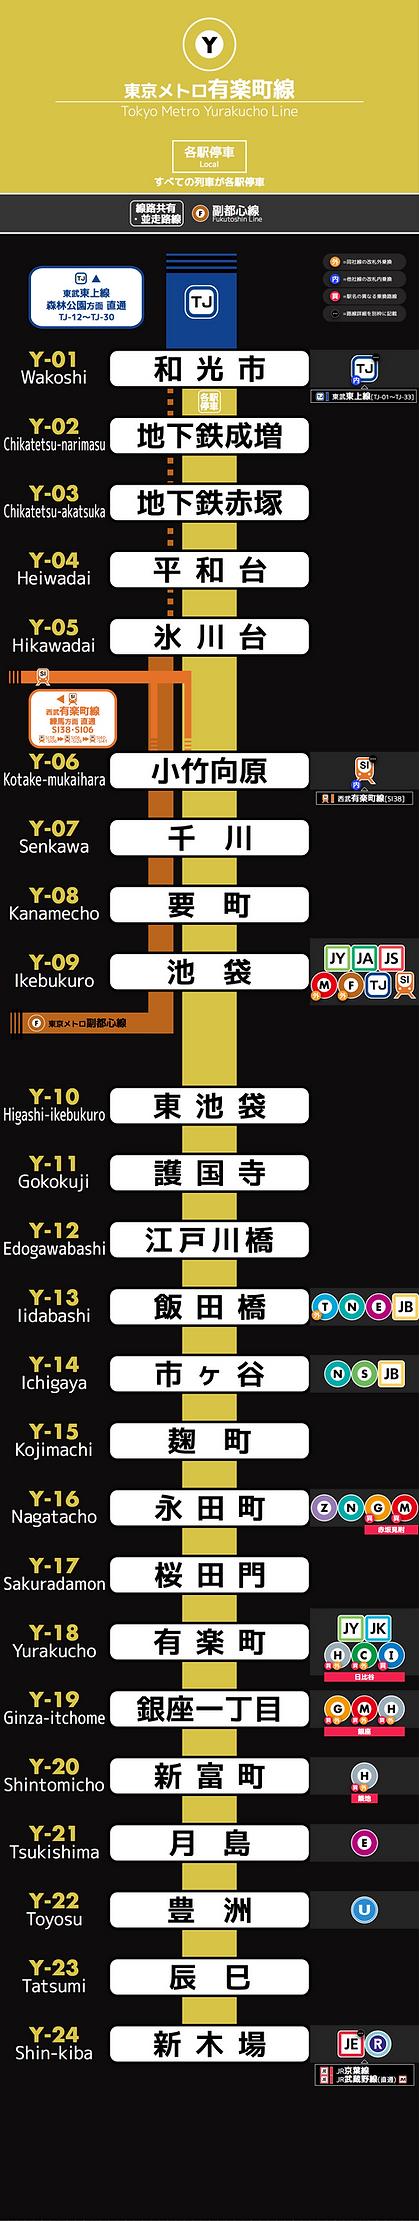 東京メトロ有楽町線_20210307.png